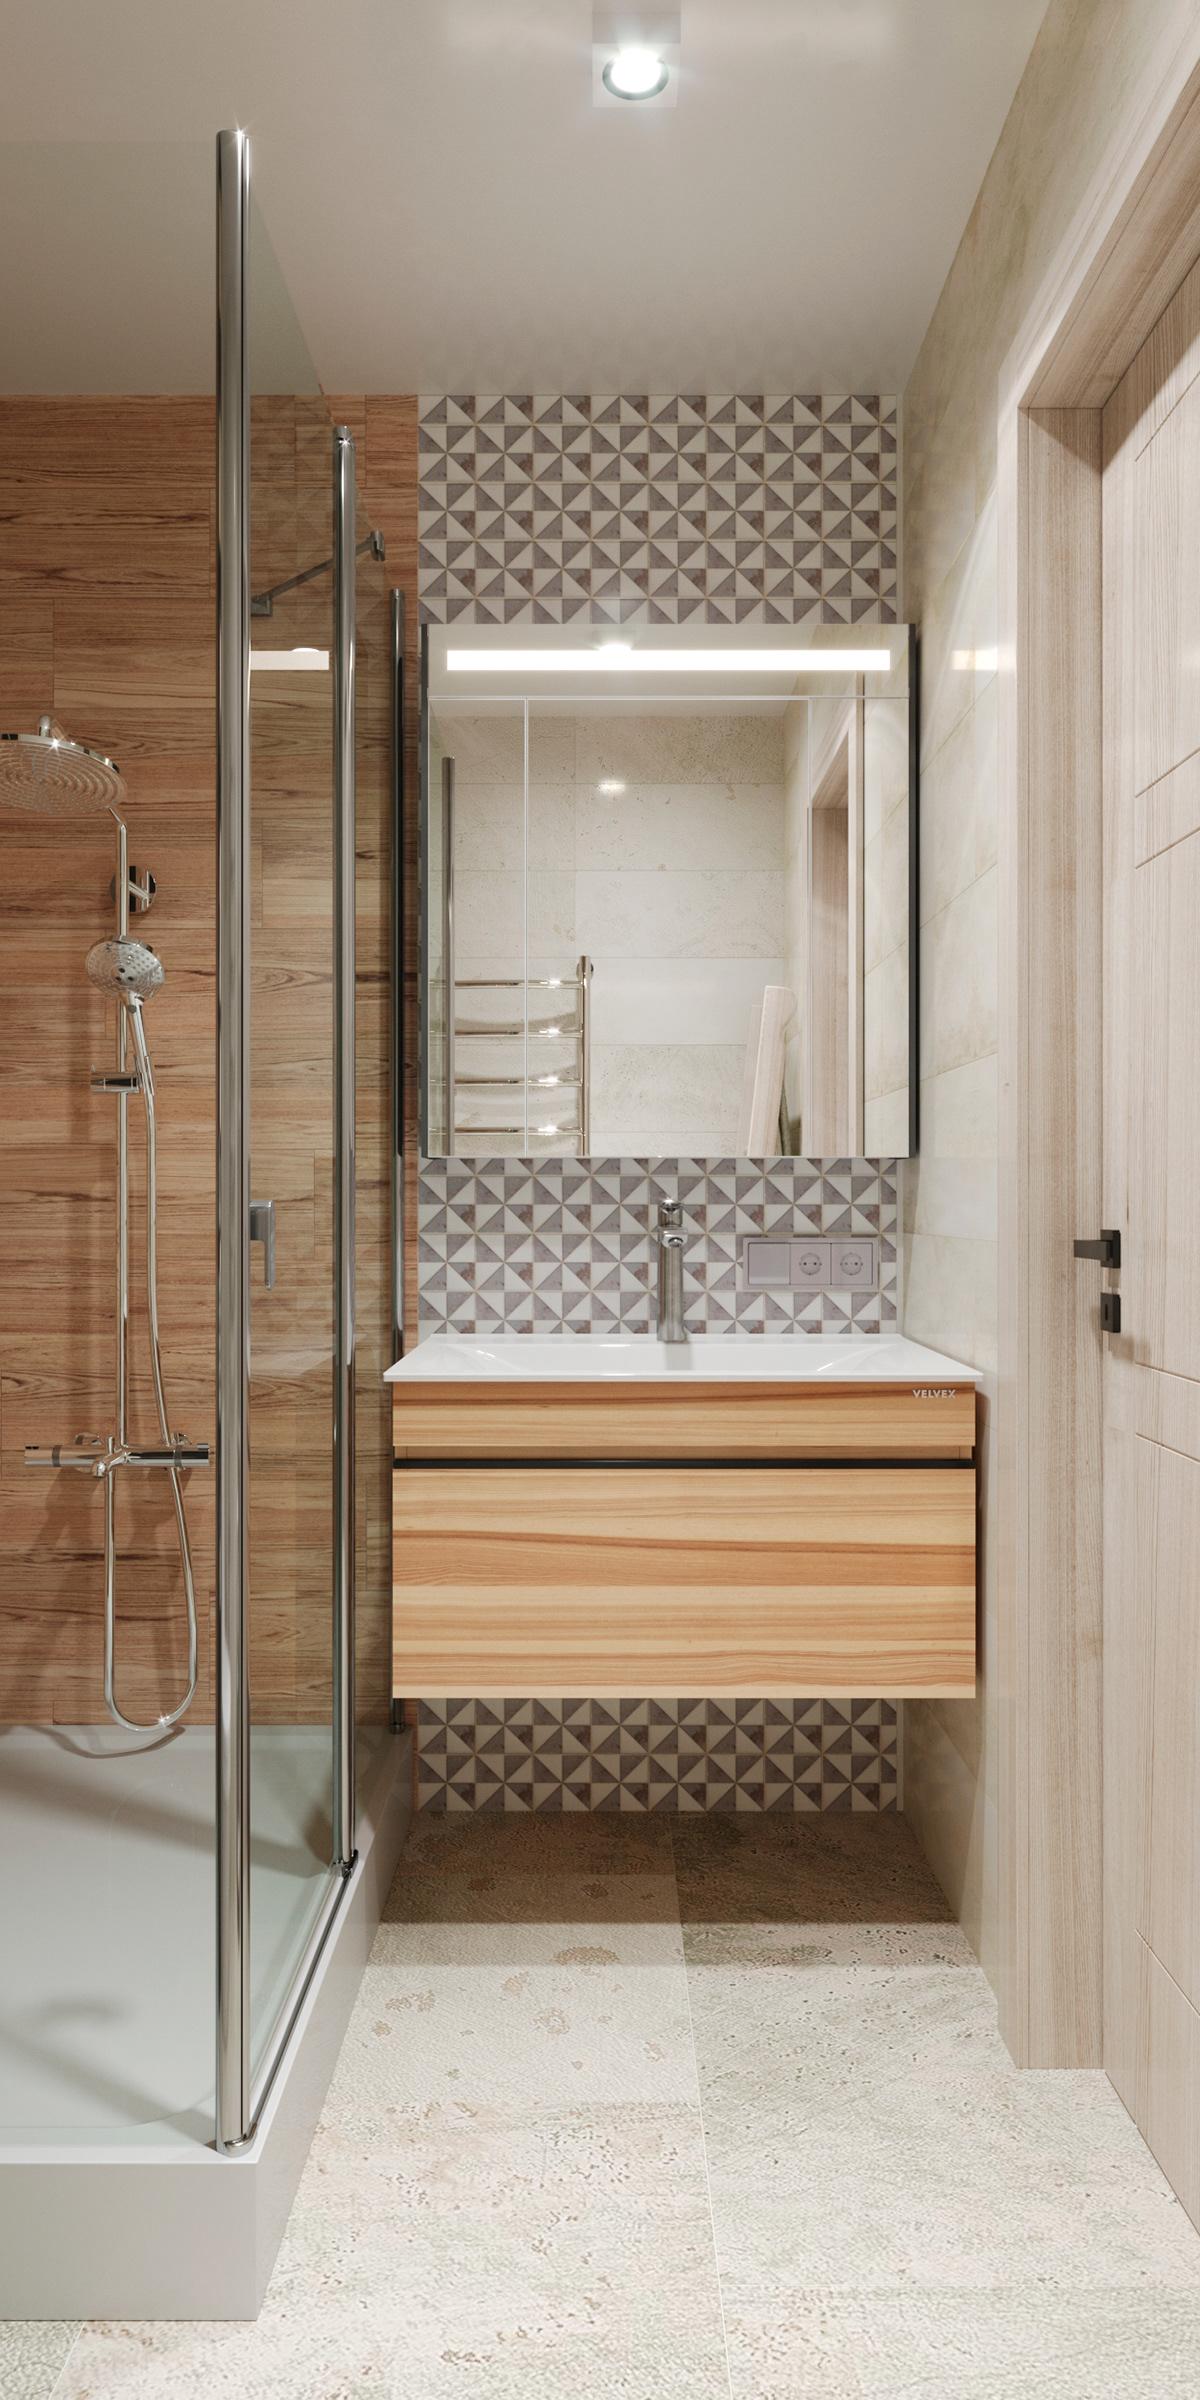 Image may contain: floor, indoor and door